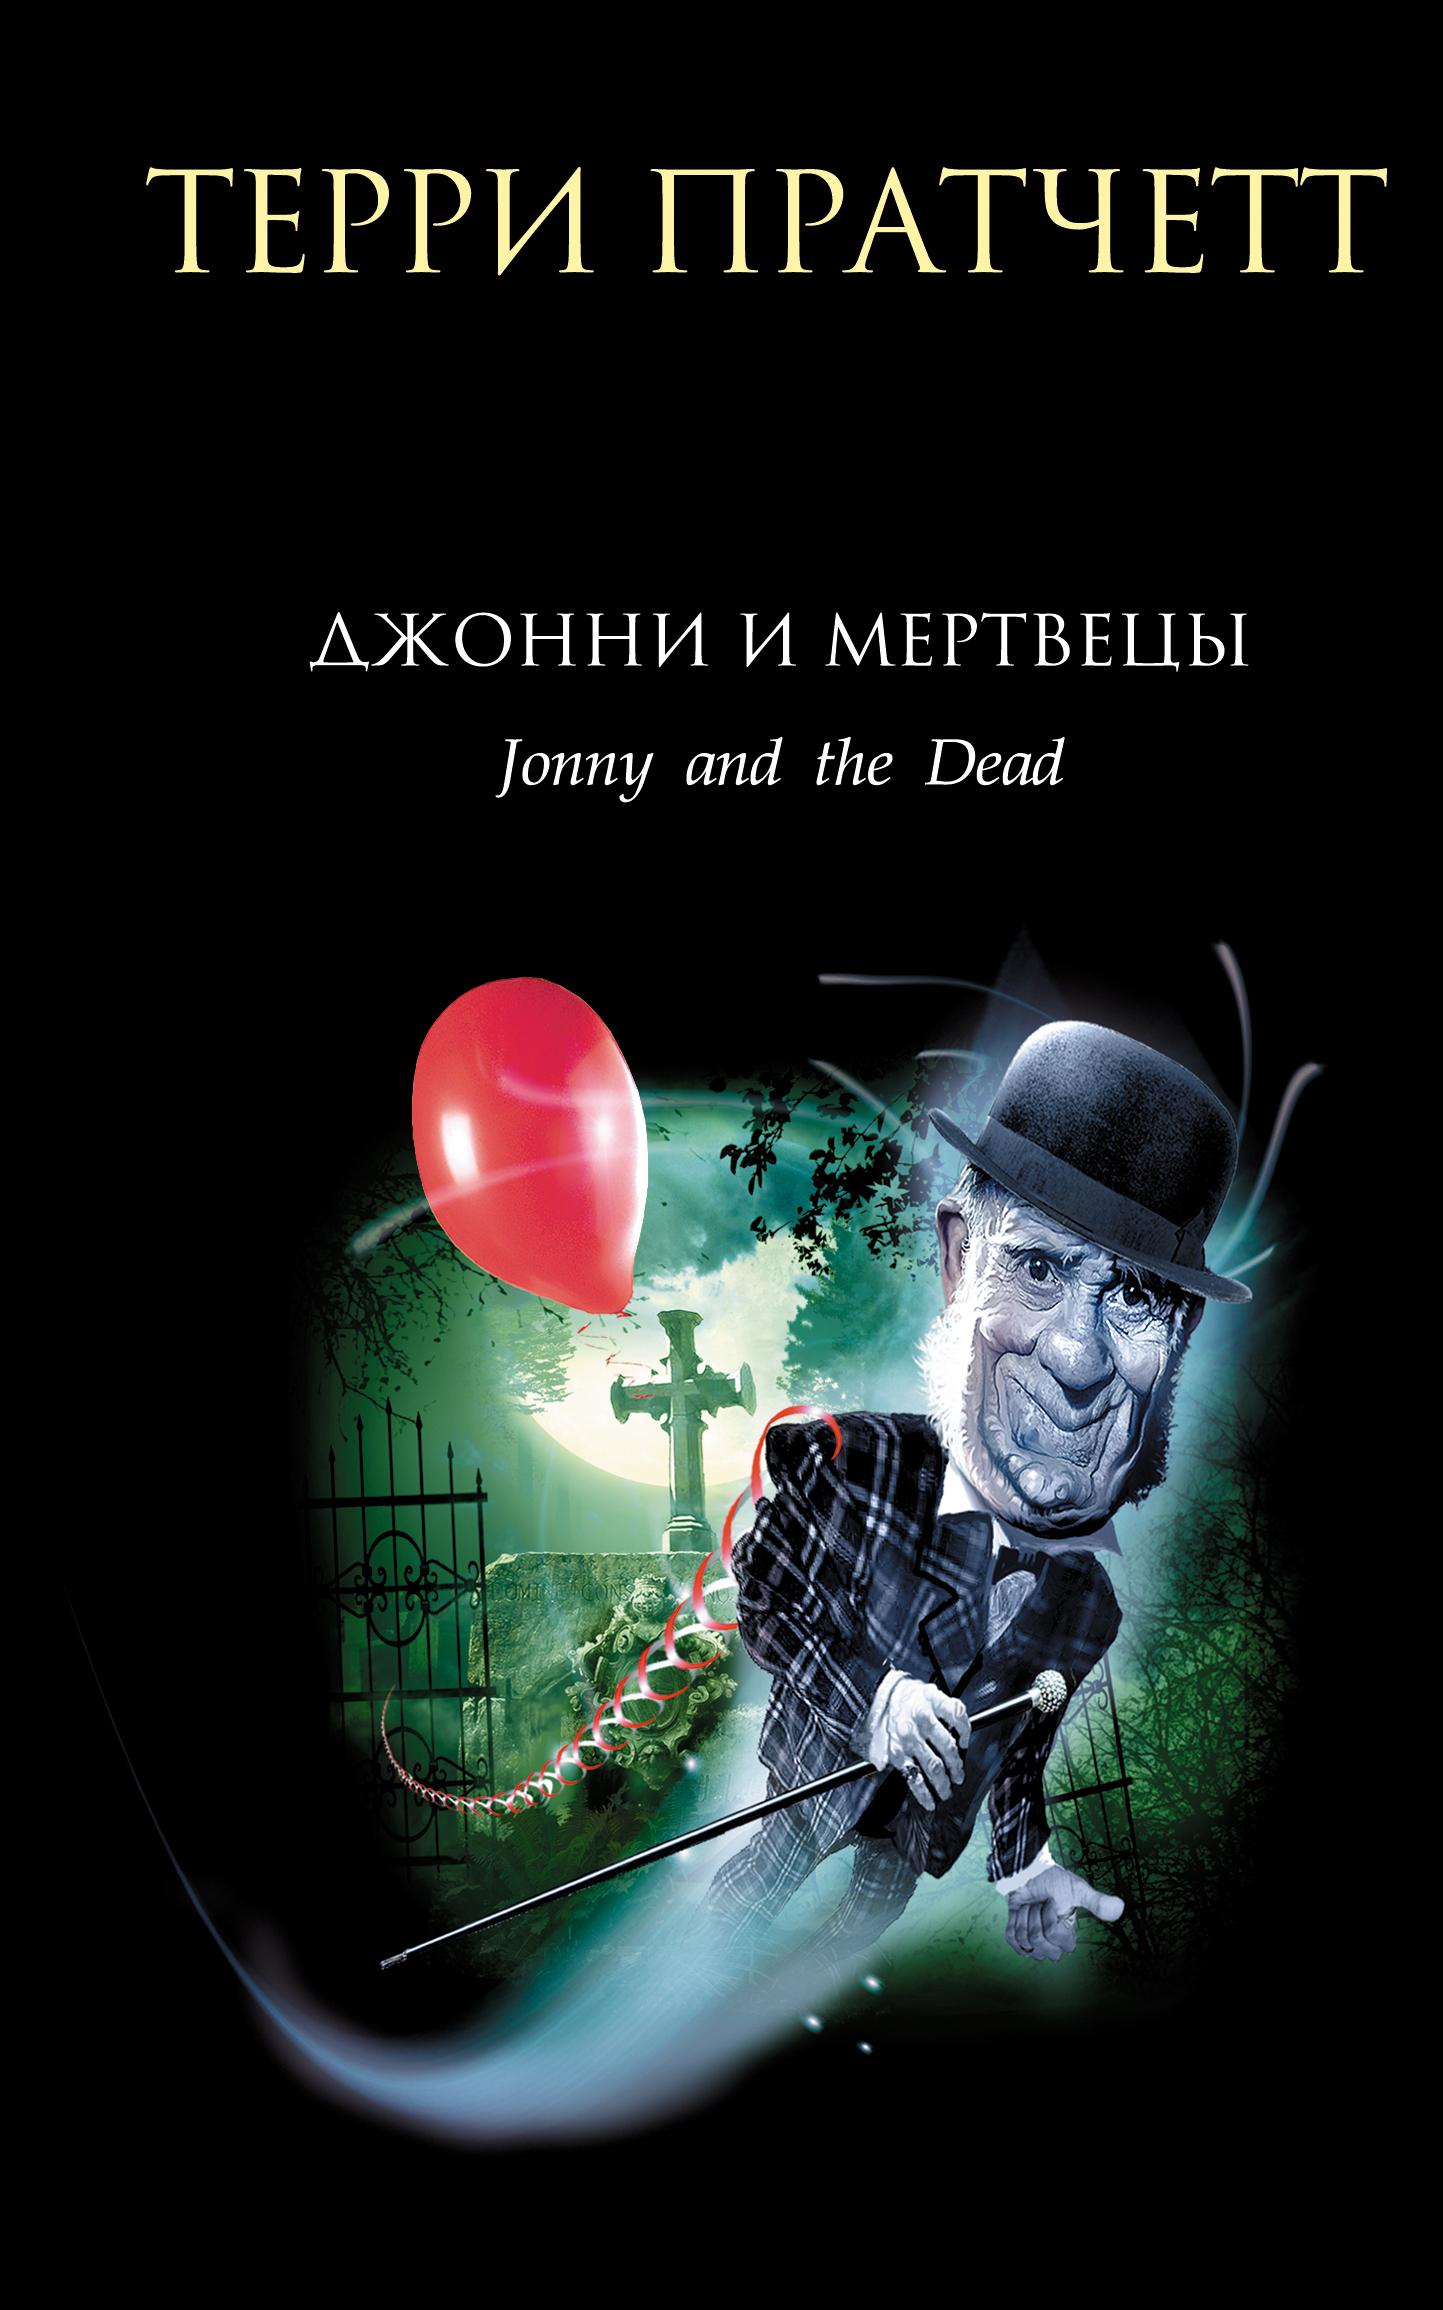 Терри Пратчетт «Джонни и мертвецы»